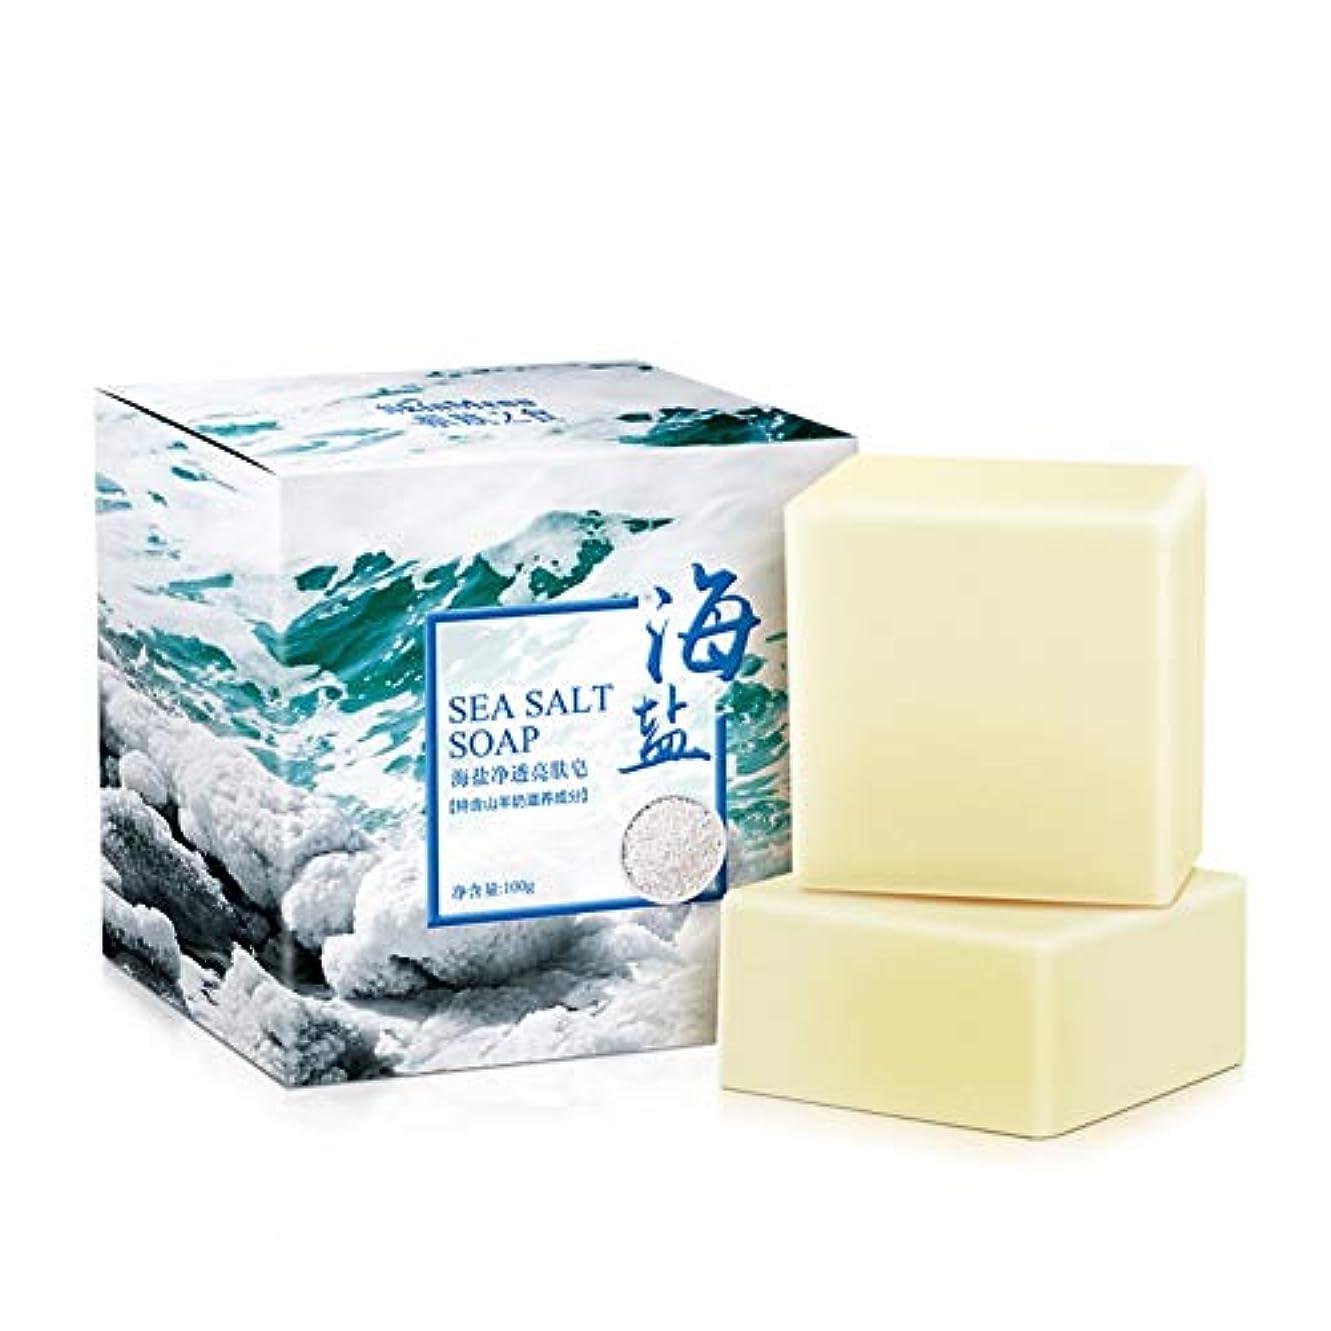 進捗側面銛KISSION せっけん 透明な半透明石鹸 海塩が豊富 ローカストソープ ダニをすばやく削除 無添加 敏感 保湿 肌用 毛穴 対策 パーソナルケア製品